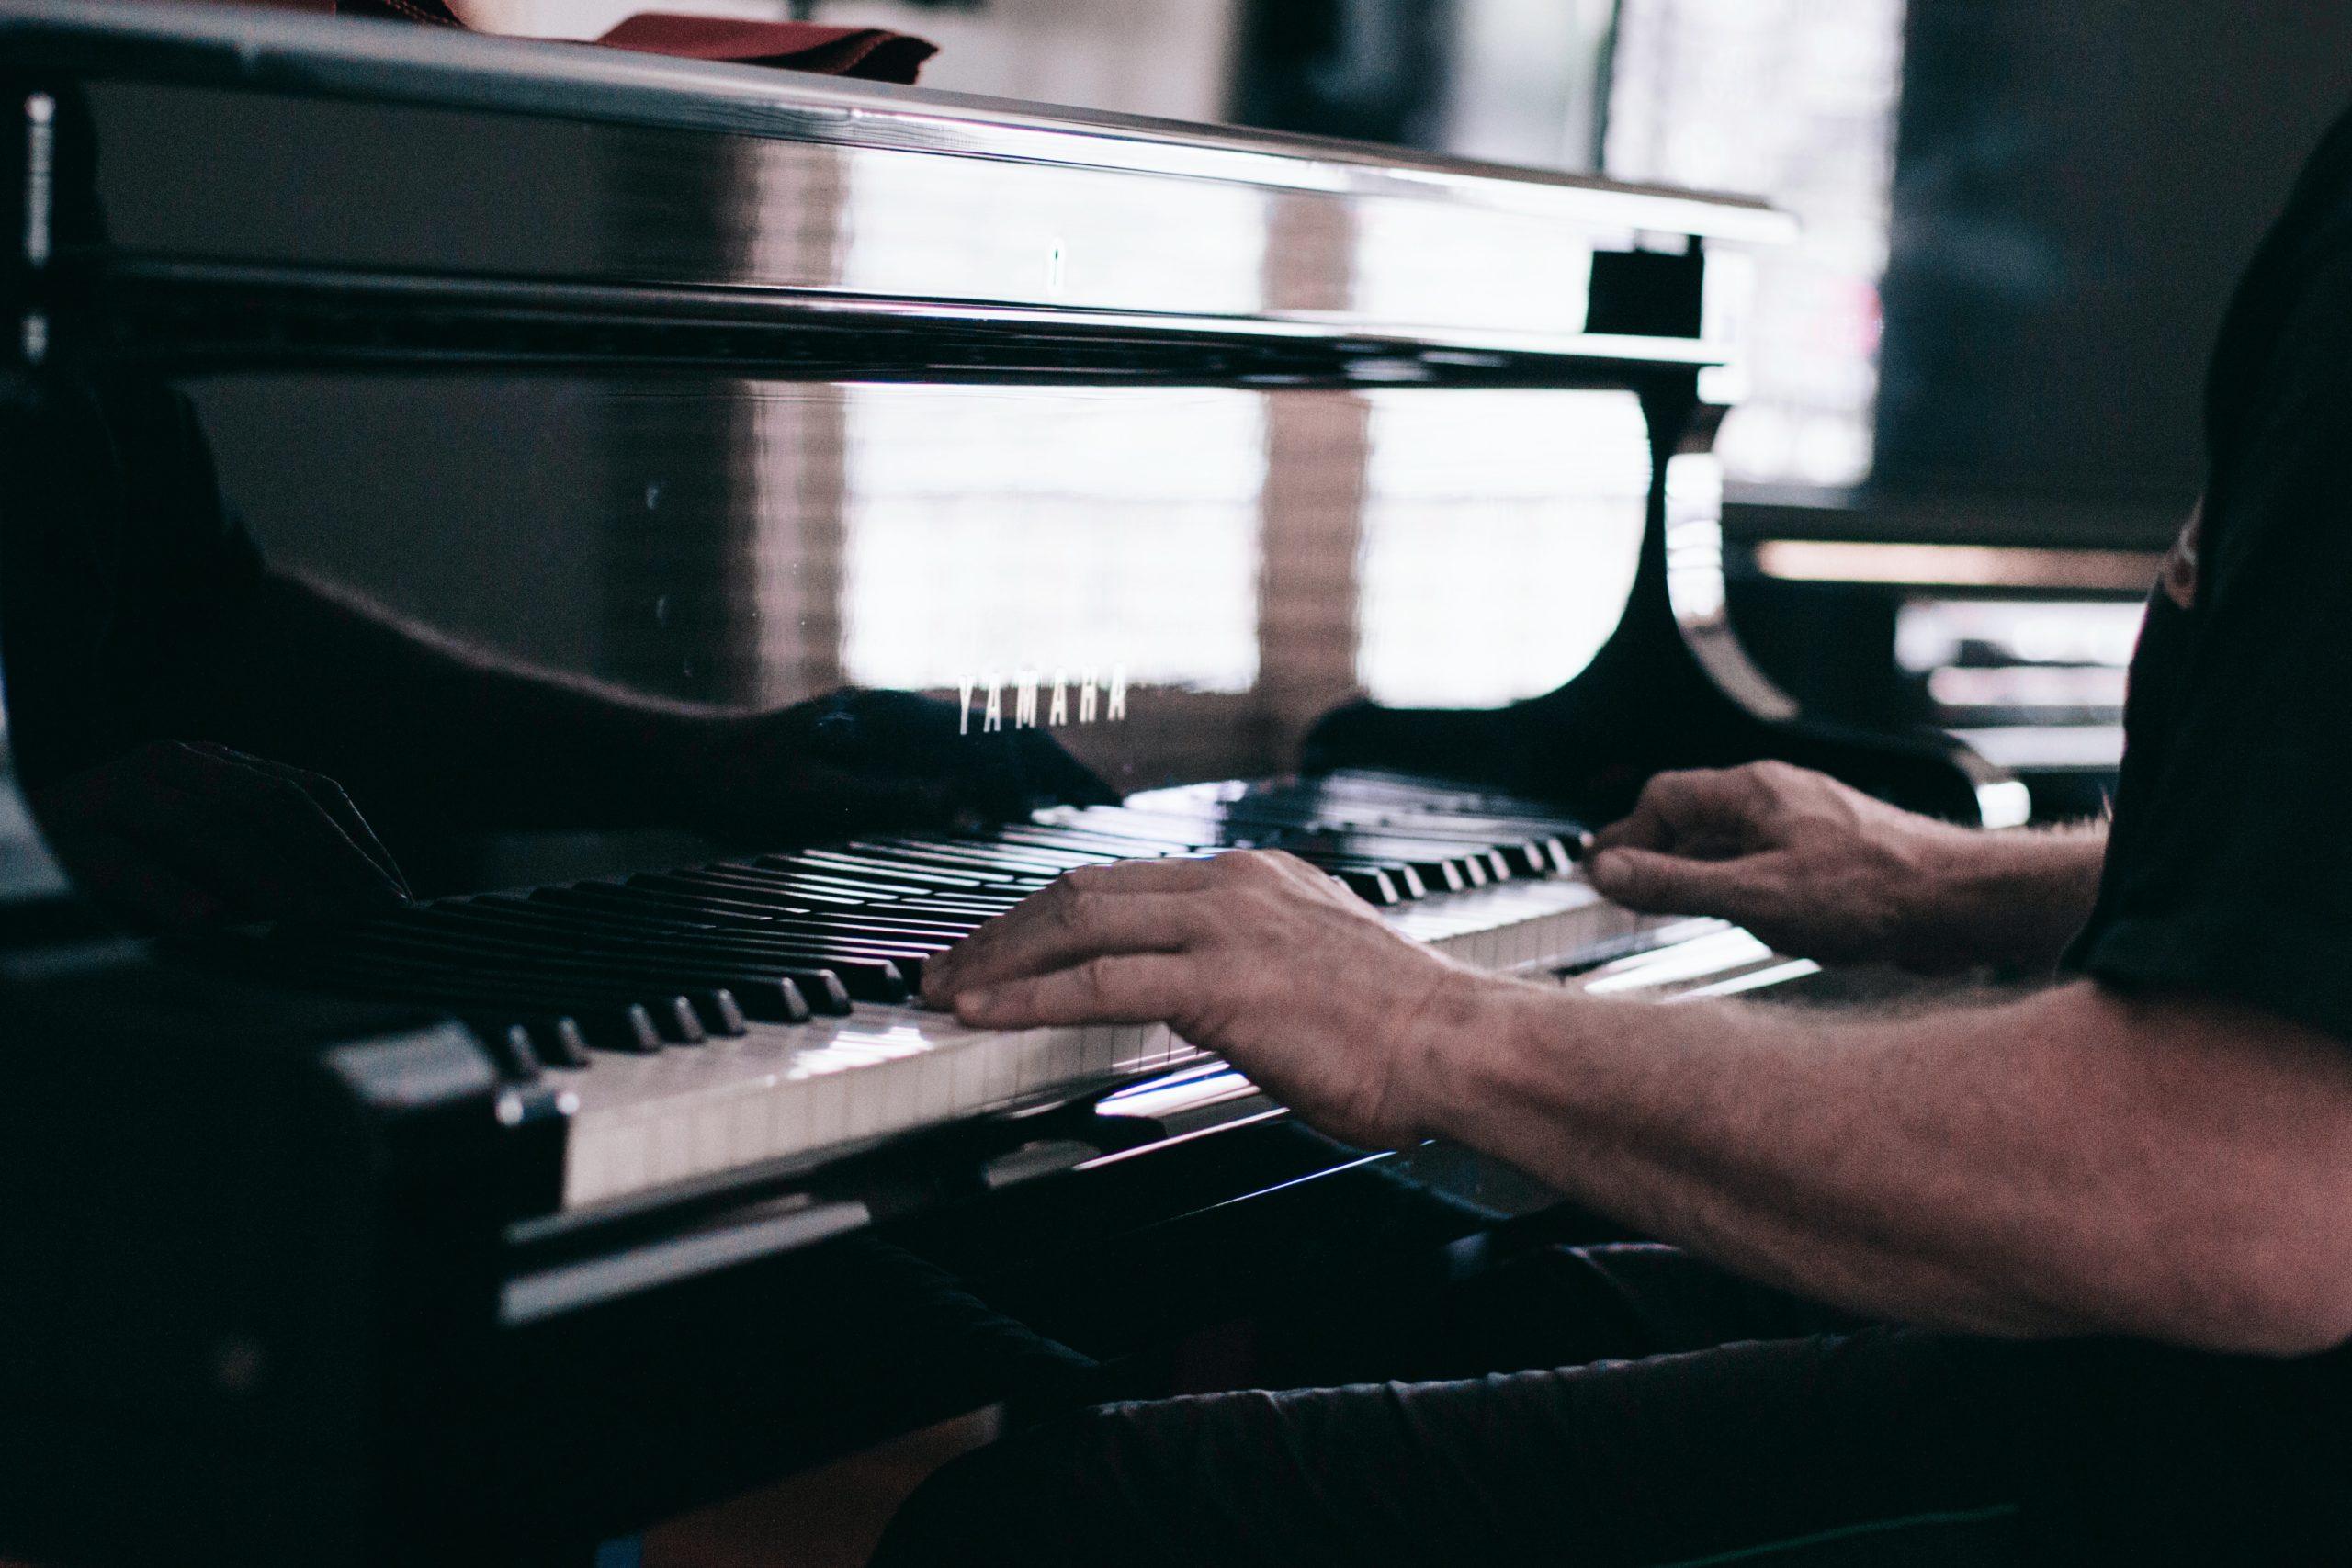 Laoli_Vital_Sehne-Musiker_Klavierspieler-Sehnenscheidenentzündung_Vorbeugen